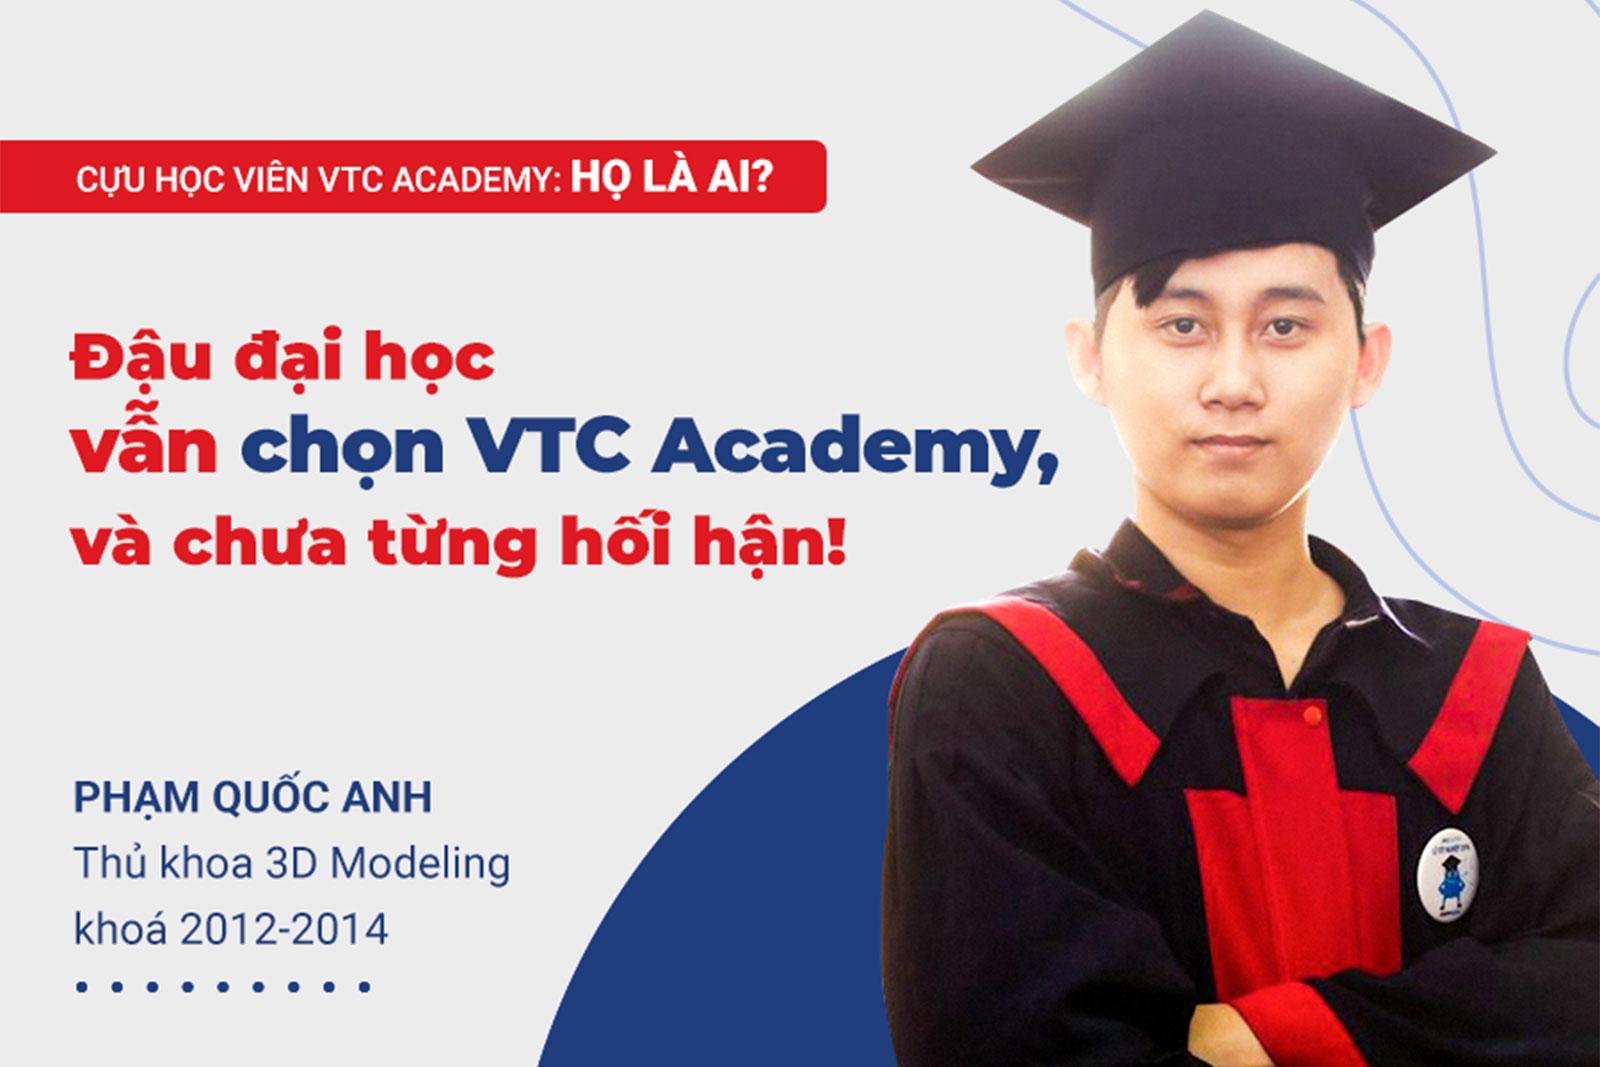 """""""Đậu đại học vẫn chọn VTC Academy và chưa từng hối hận!"""""""